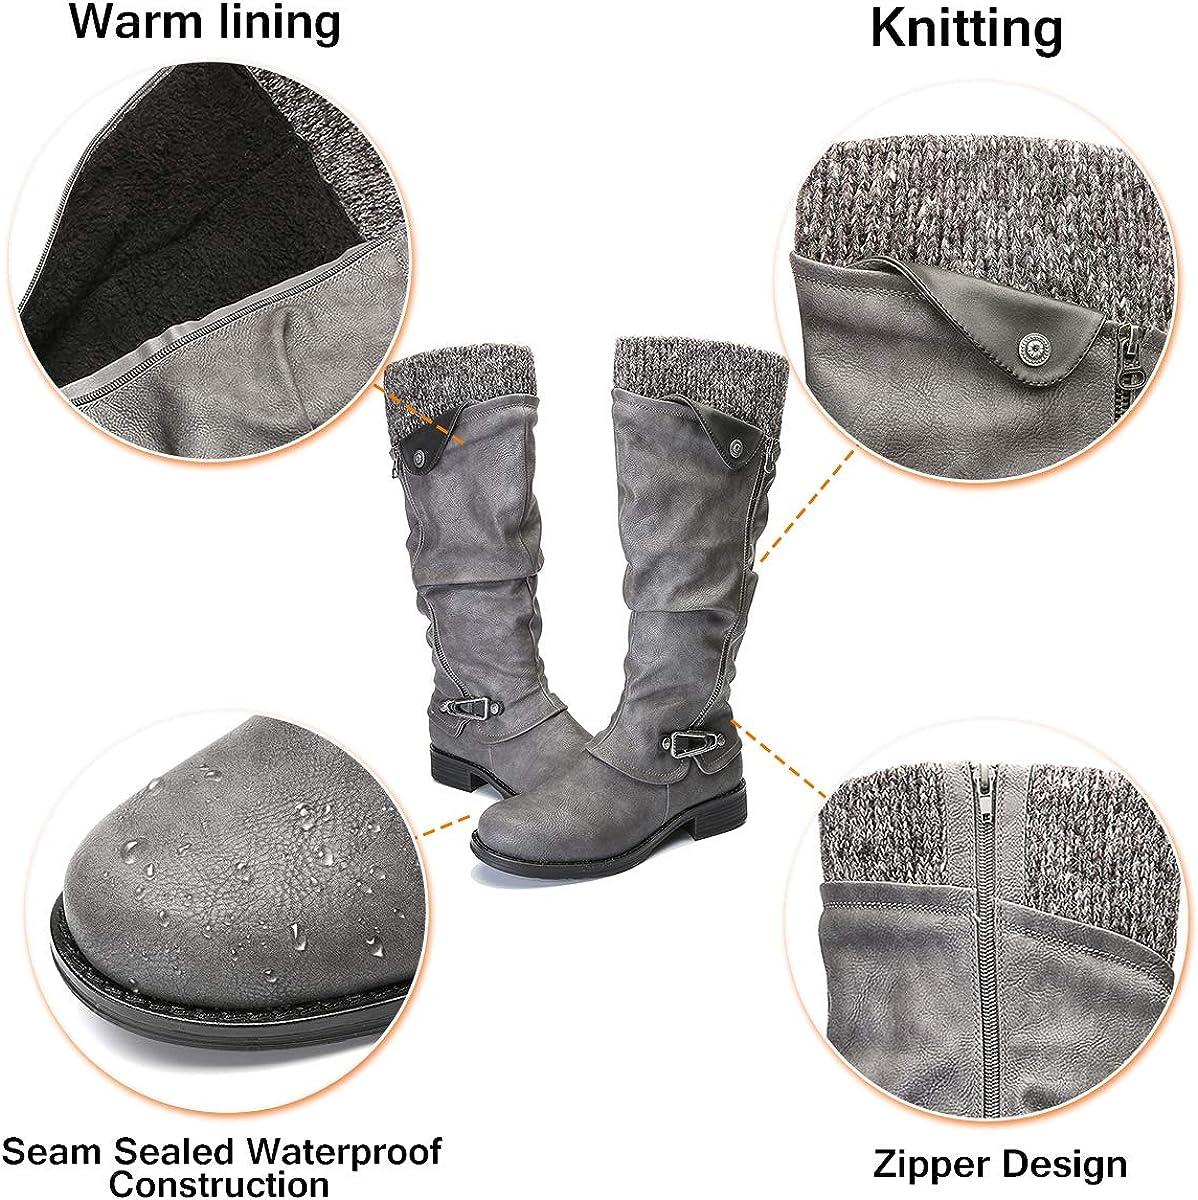 Botas Altas Invierno Mujer, Camfosy Botas de Nieve Caña Ancha Zapatos Mujer Cuña Planos Sintética Peluche Jinete Bajo Cómodos Peludas Calentitas 2020 Negro Gris Marrón Gris oLb6O